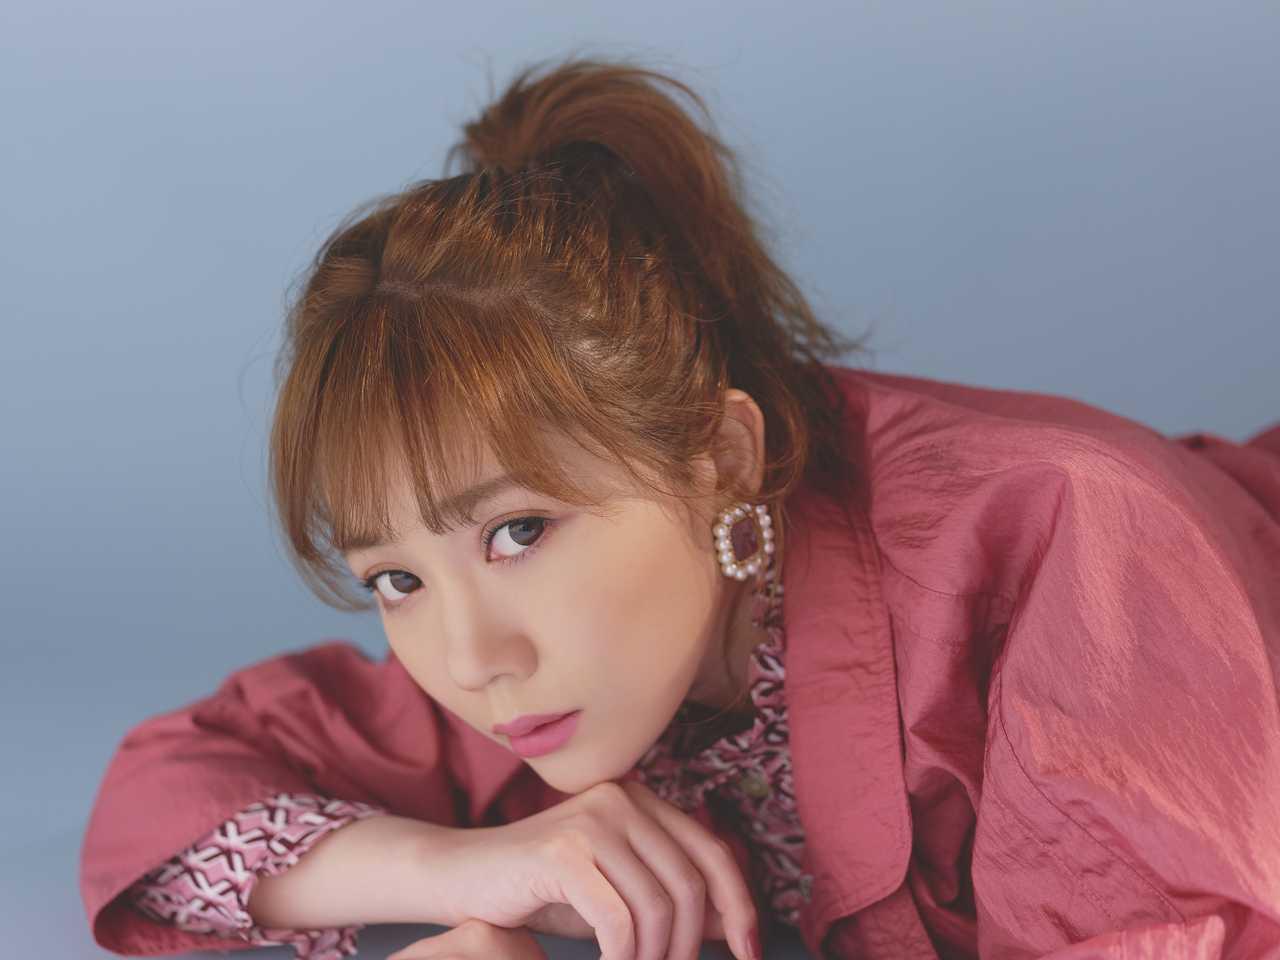 ラブソングで人気のMACO、バレンタインデーに待望の新曲「恋蛍」を配信限定リリース決定!